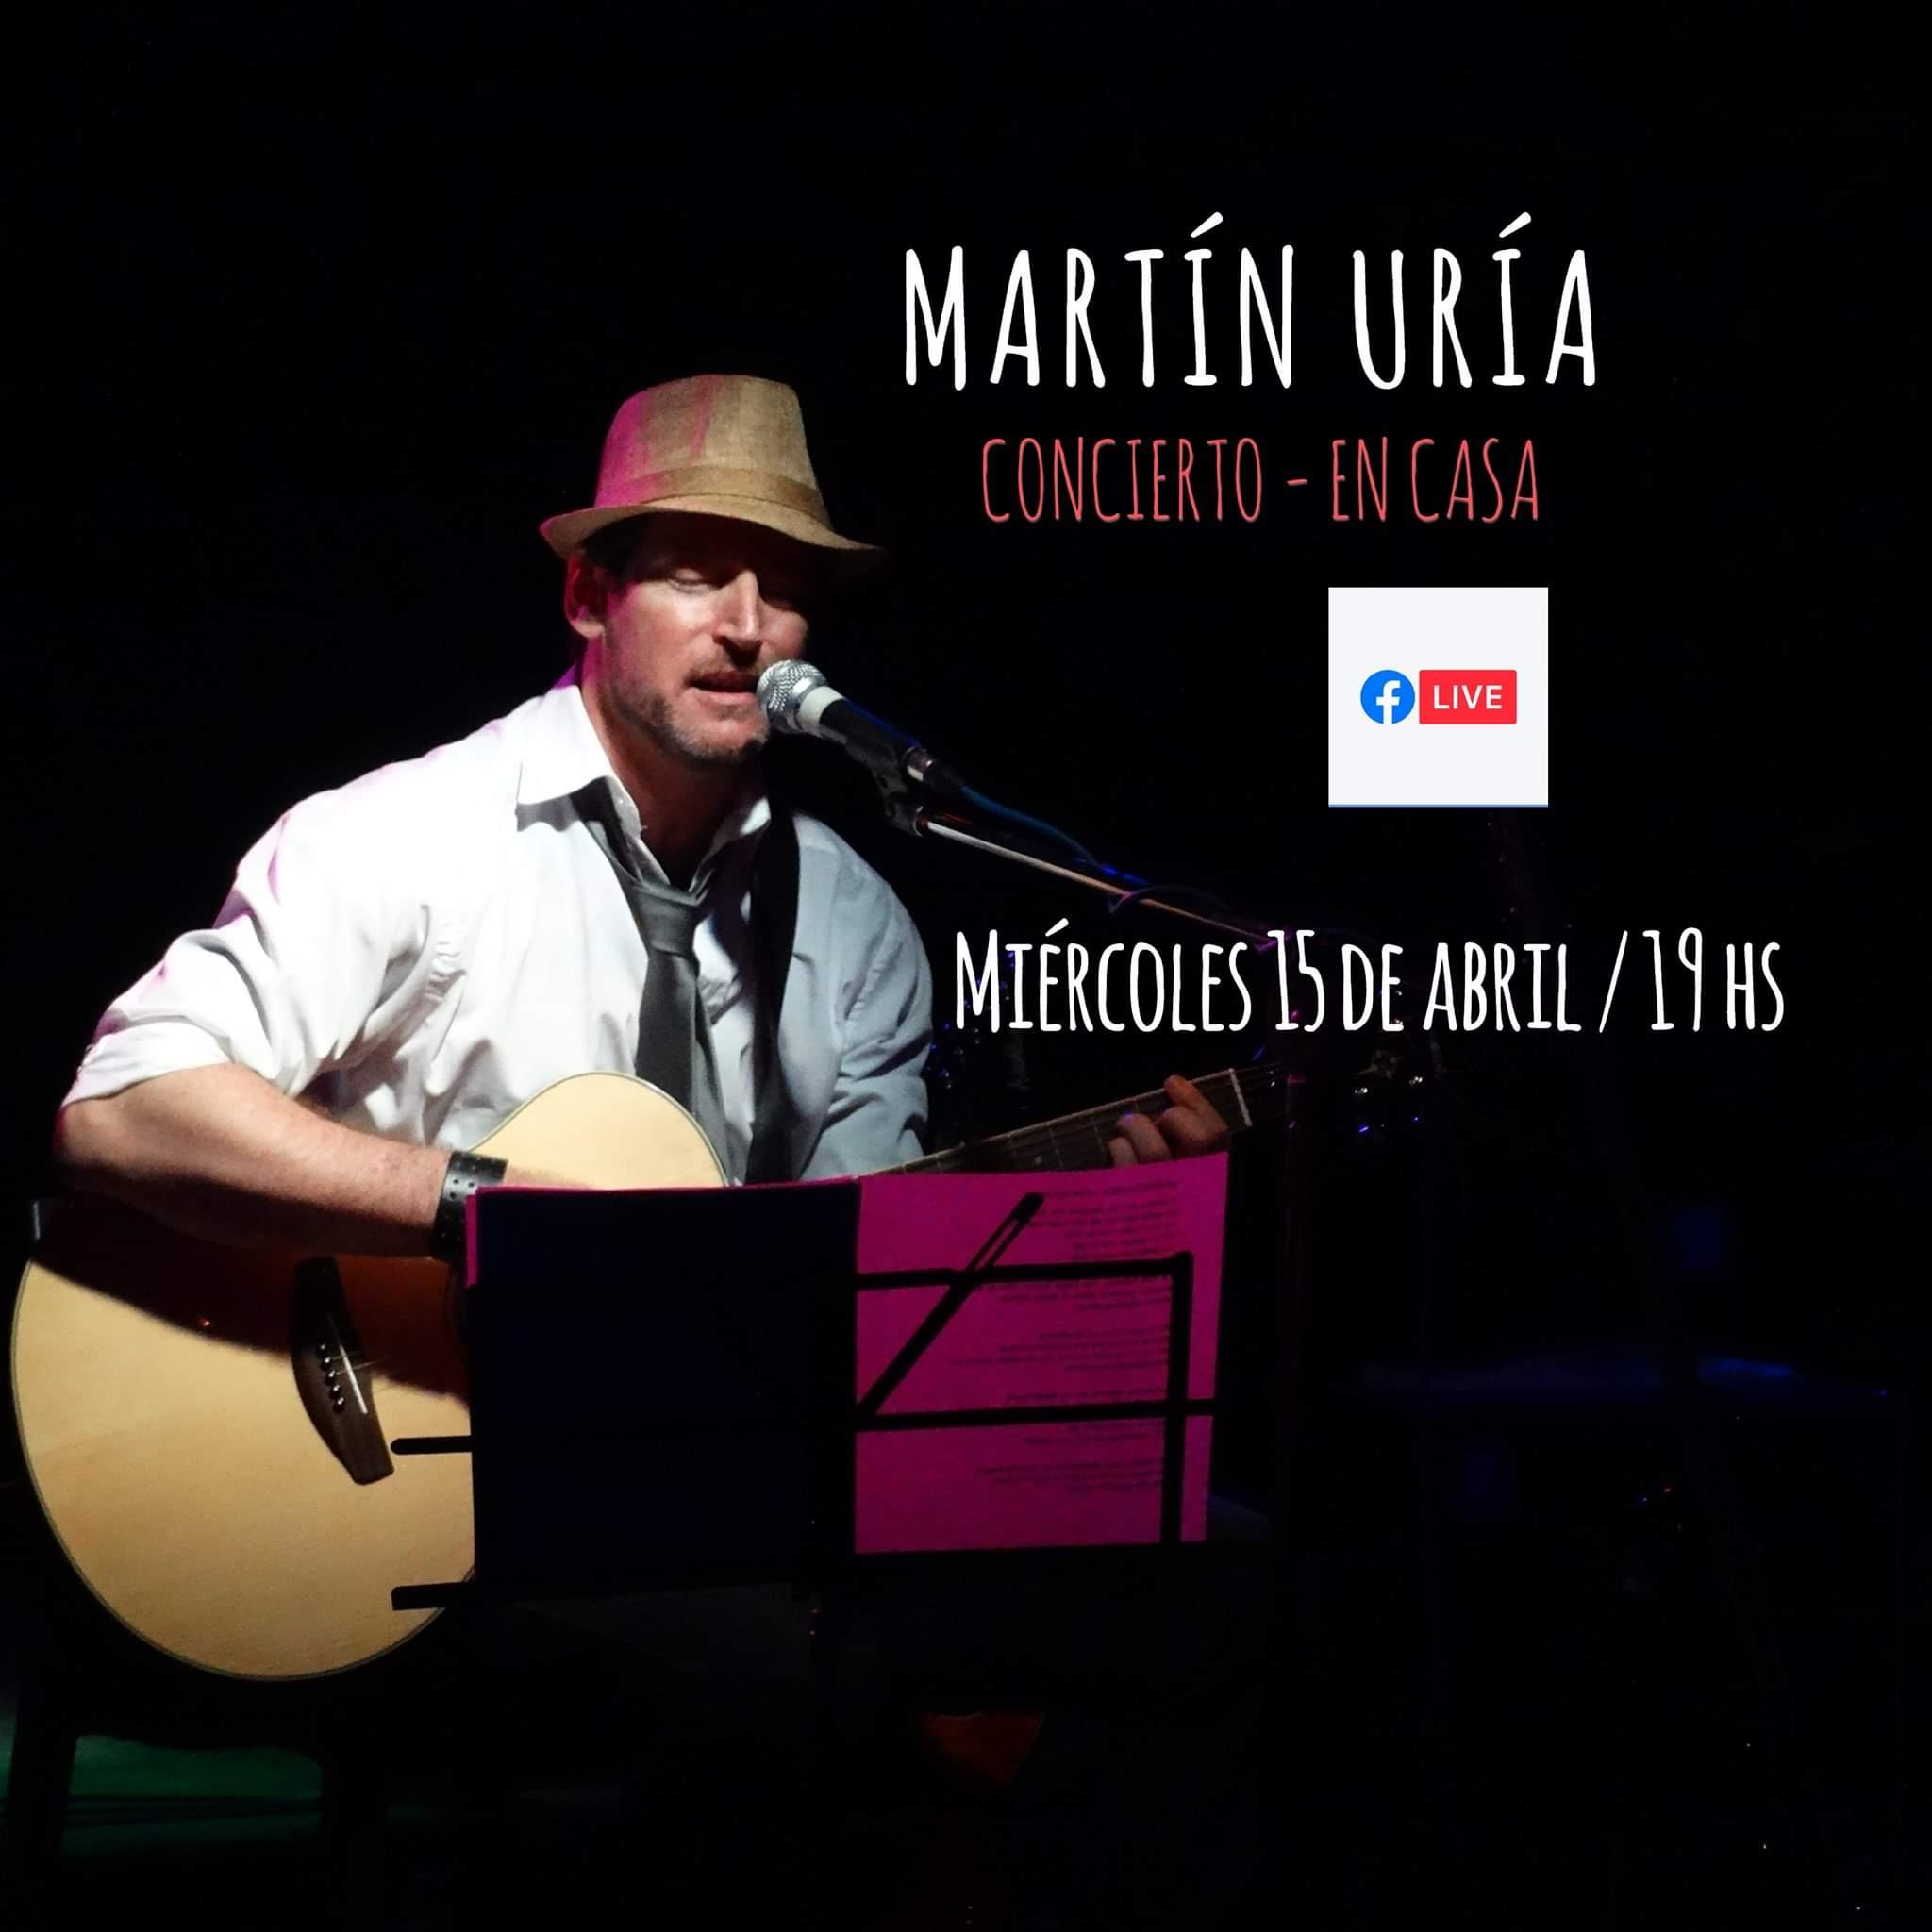 """Martín Uría presentará música y literatura """"Vivo desde casa"""""""